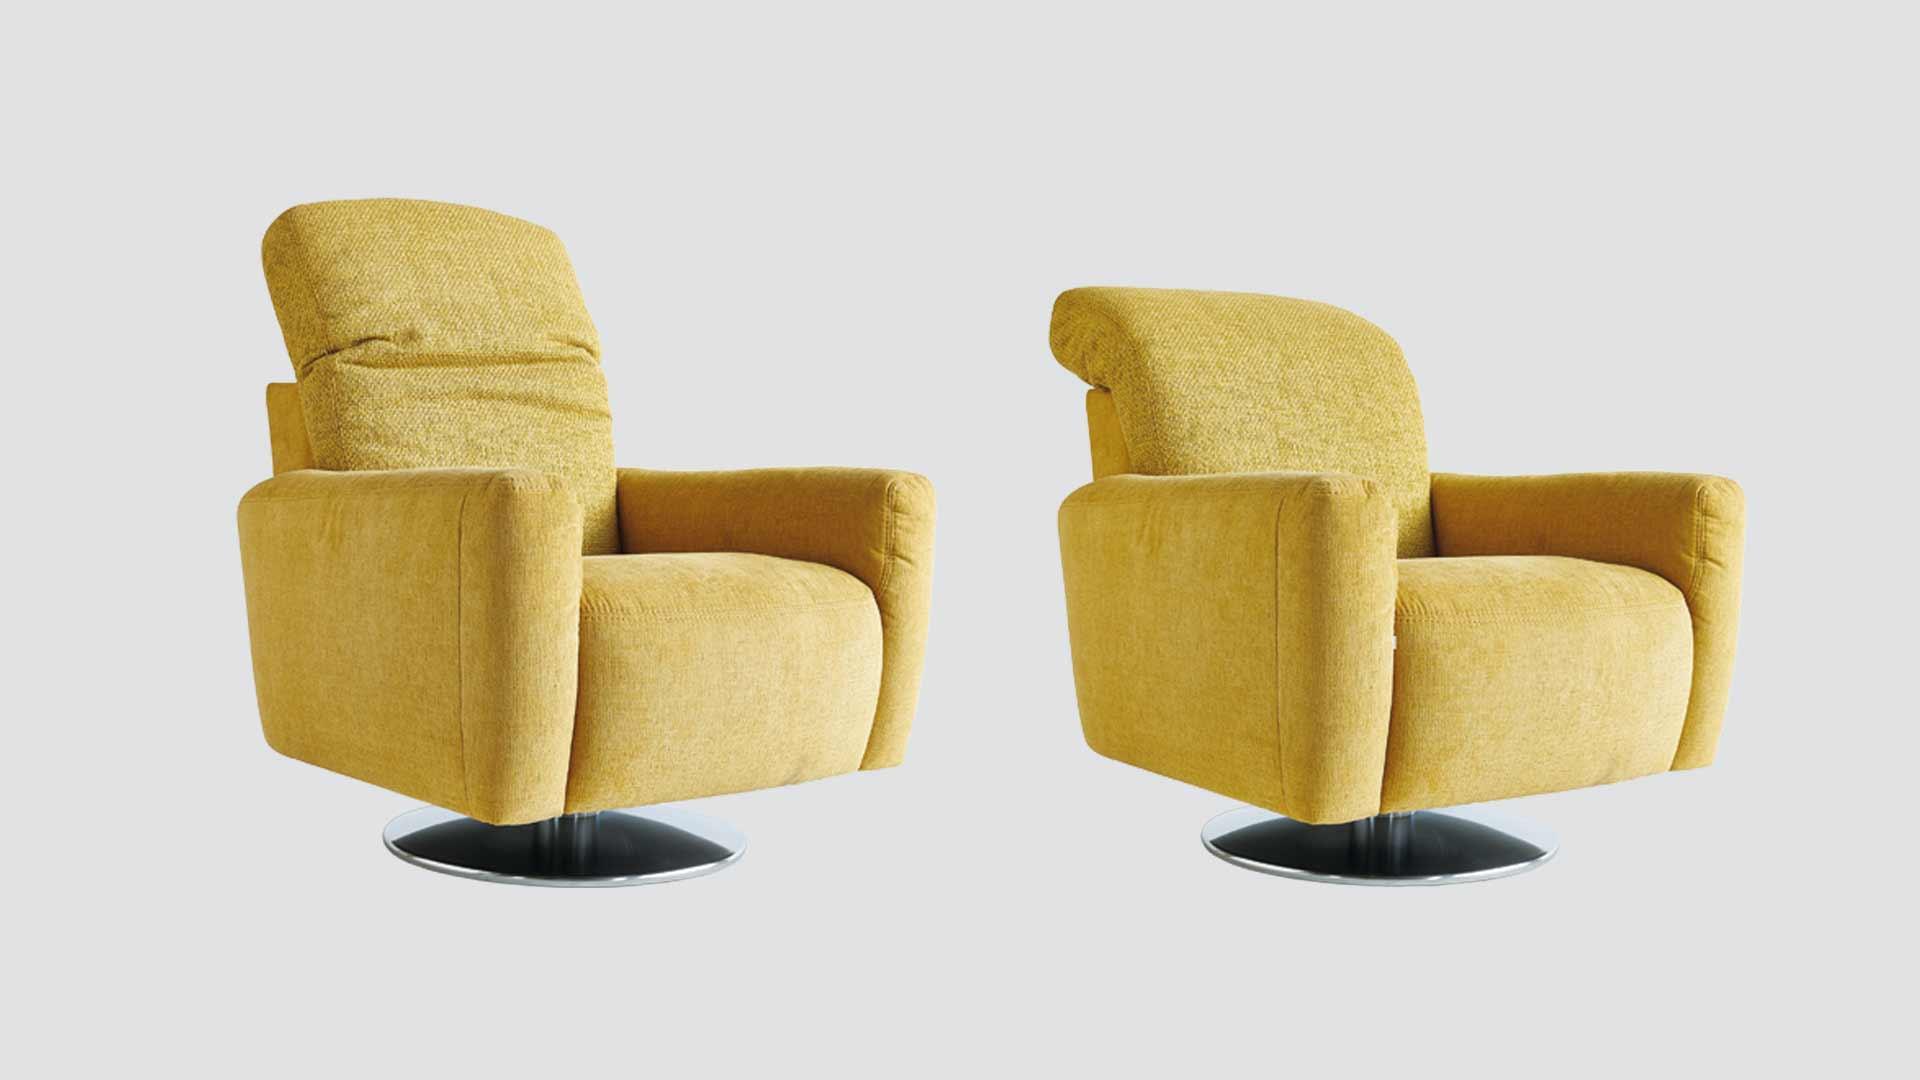 contur 6100 von contur einrichtungen in maisach bei m chen starnberg f rstenfeldbruck dachau. Black Bedroom Furniture Sets. Home Design Ideas